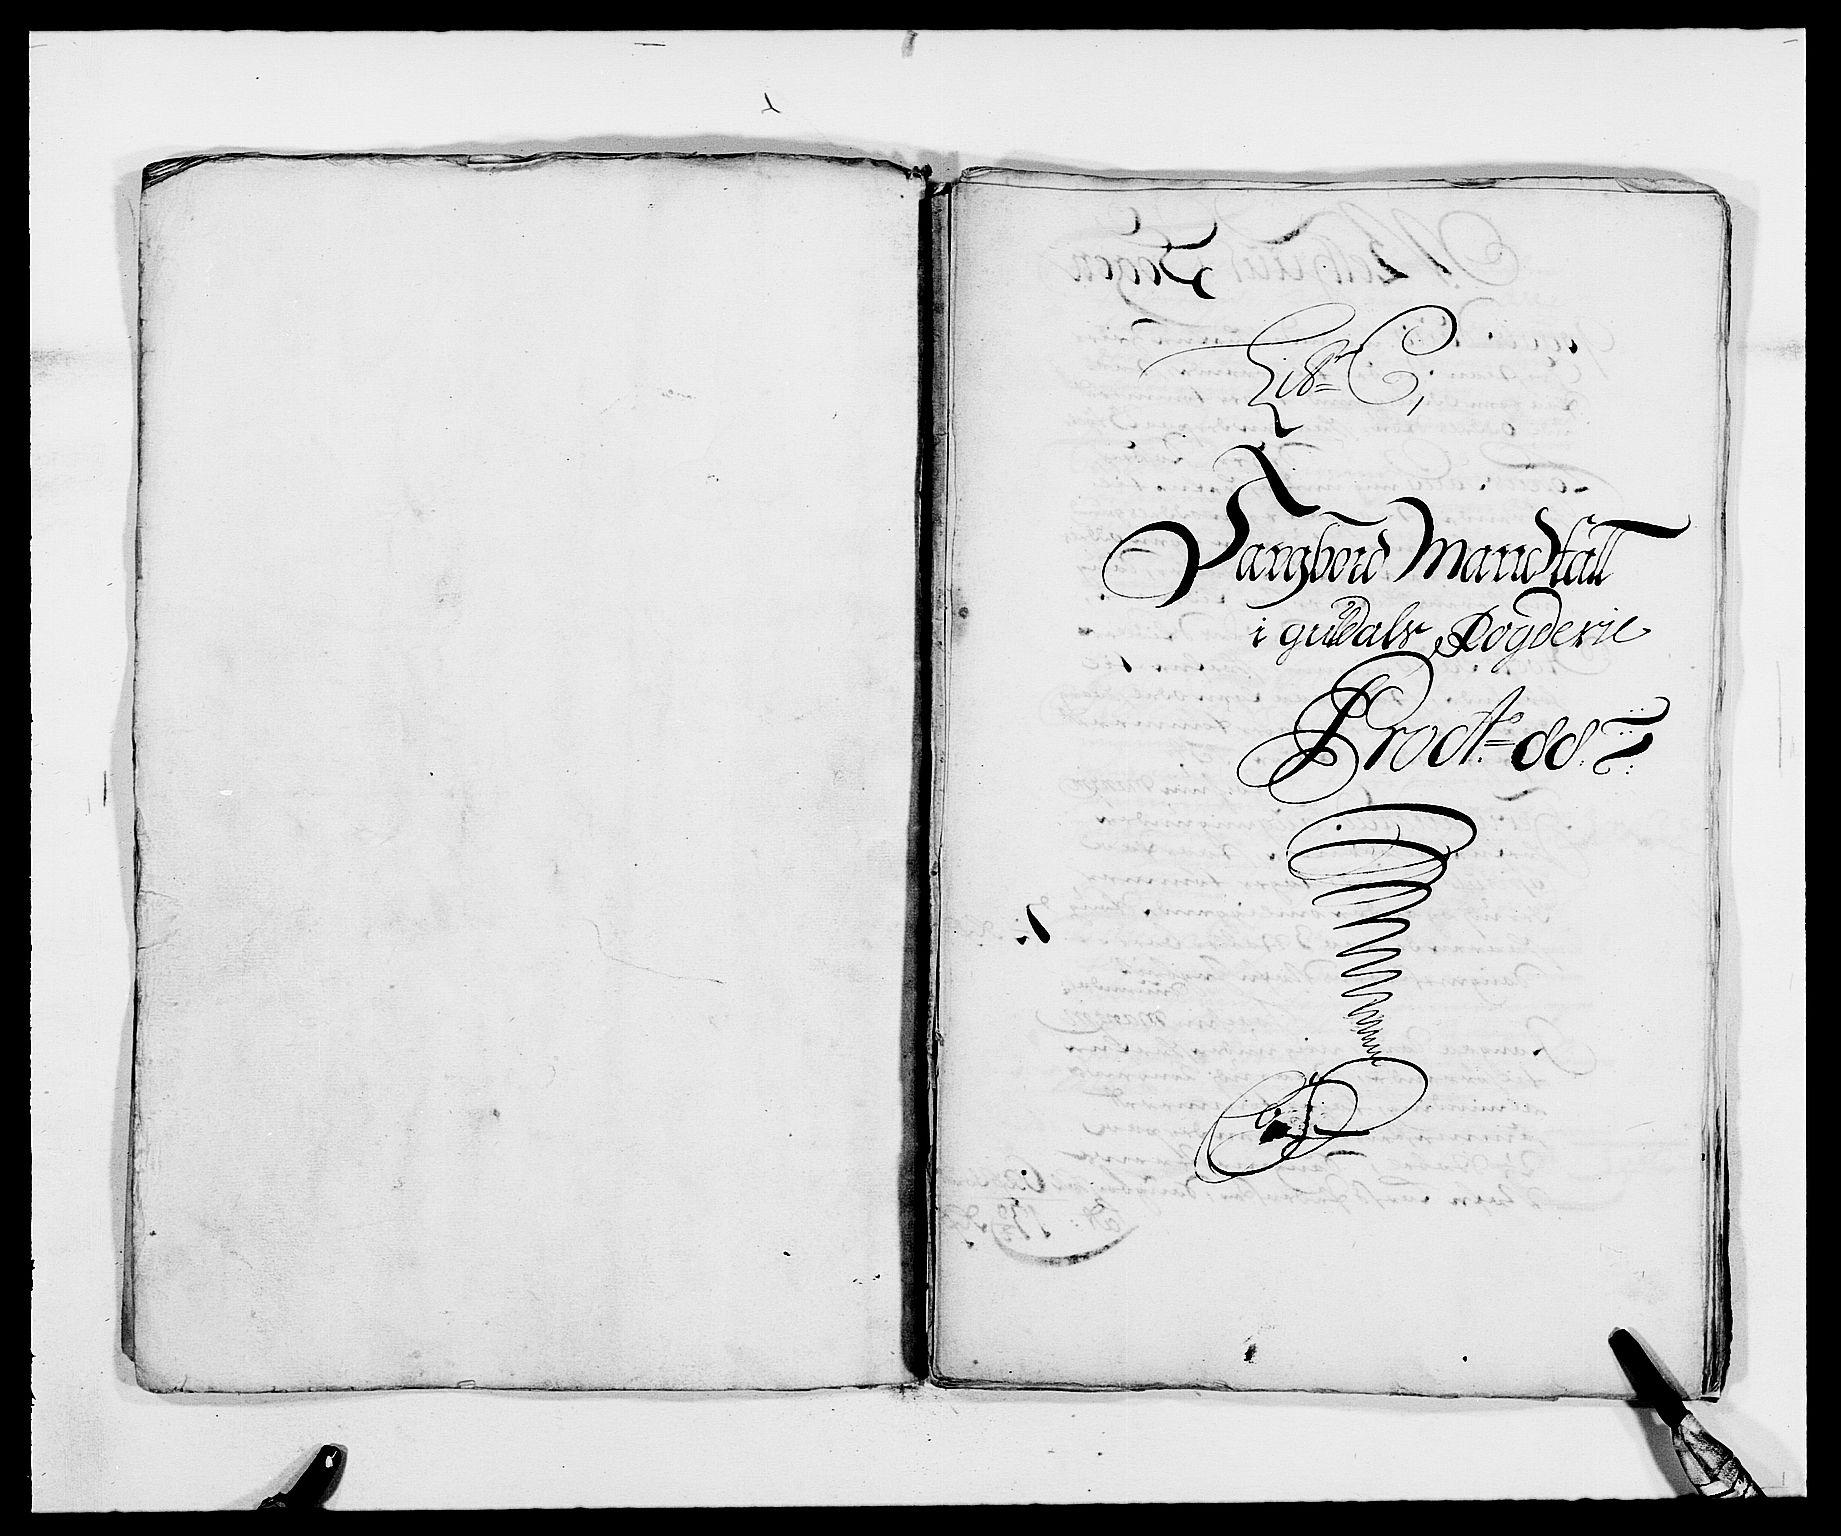 RA, Rentekammeret inntil 1814, Reviderte regnskaper, Fogderegnskap, R59/L3939: Fogderegnskap Gauldal, 1687-1688, s. 194